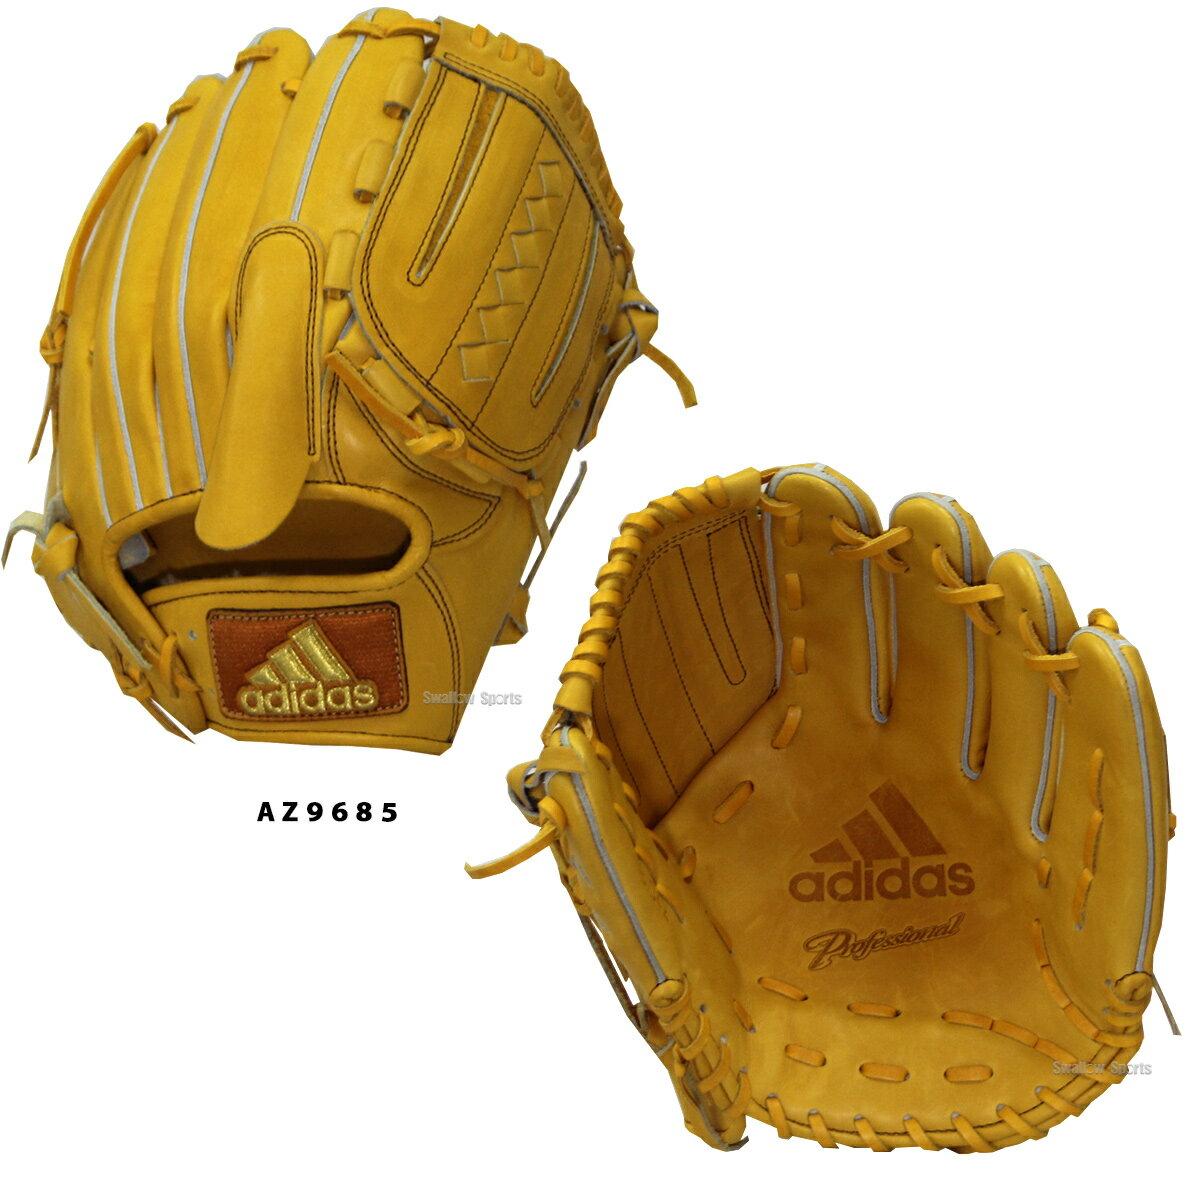 【あす楽対応】 adidas アディダス 硬式 グローブ アディダス プロフェッショナル 投手用 グローブ グラブ BID42 野球用品 スワロースポーツ